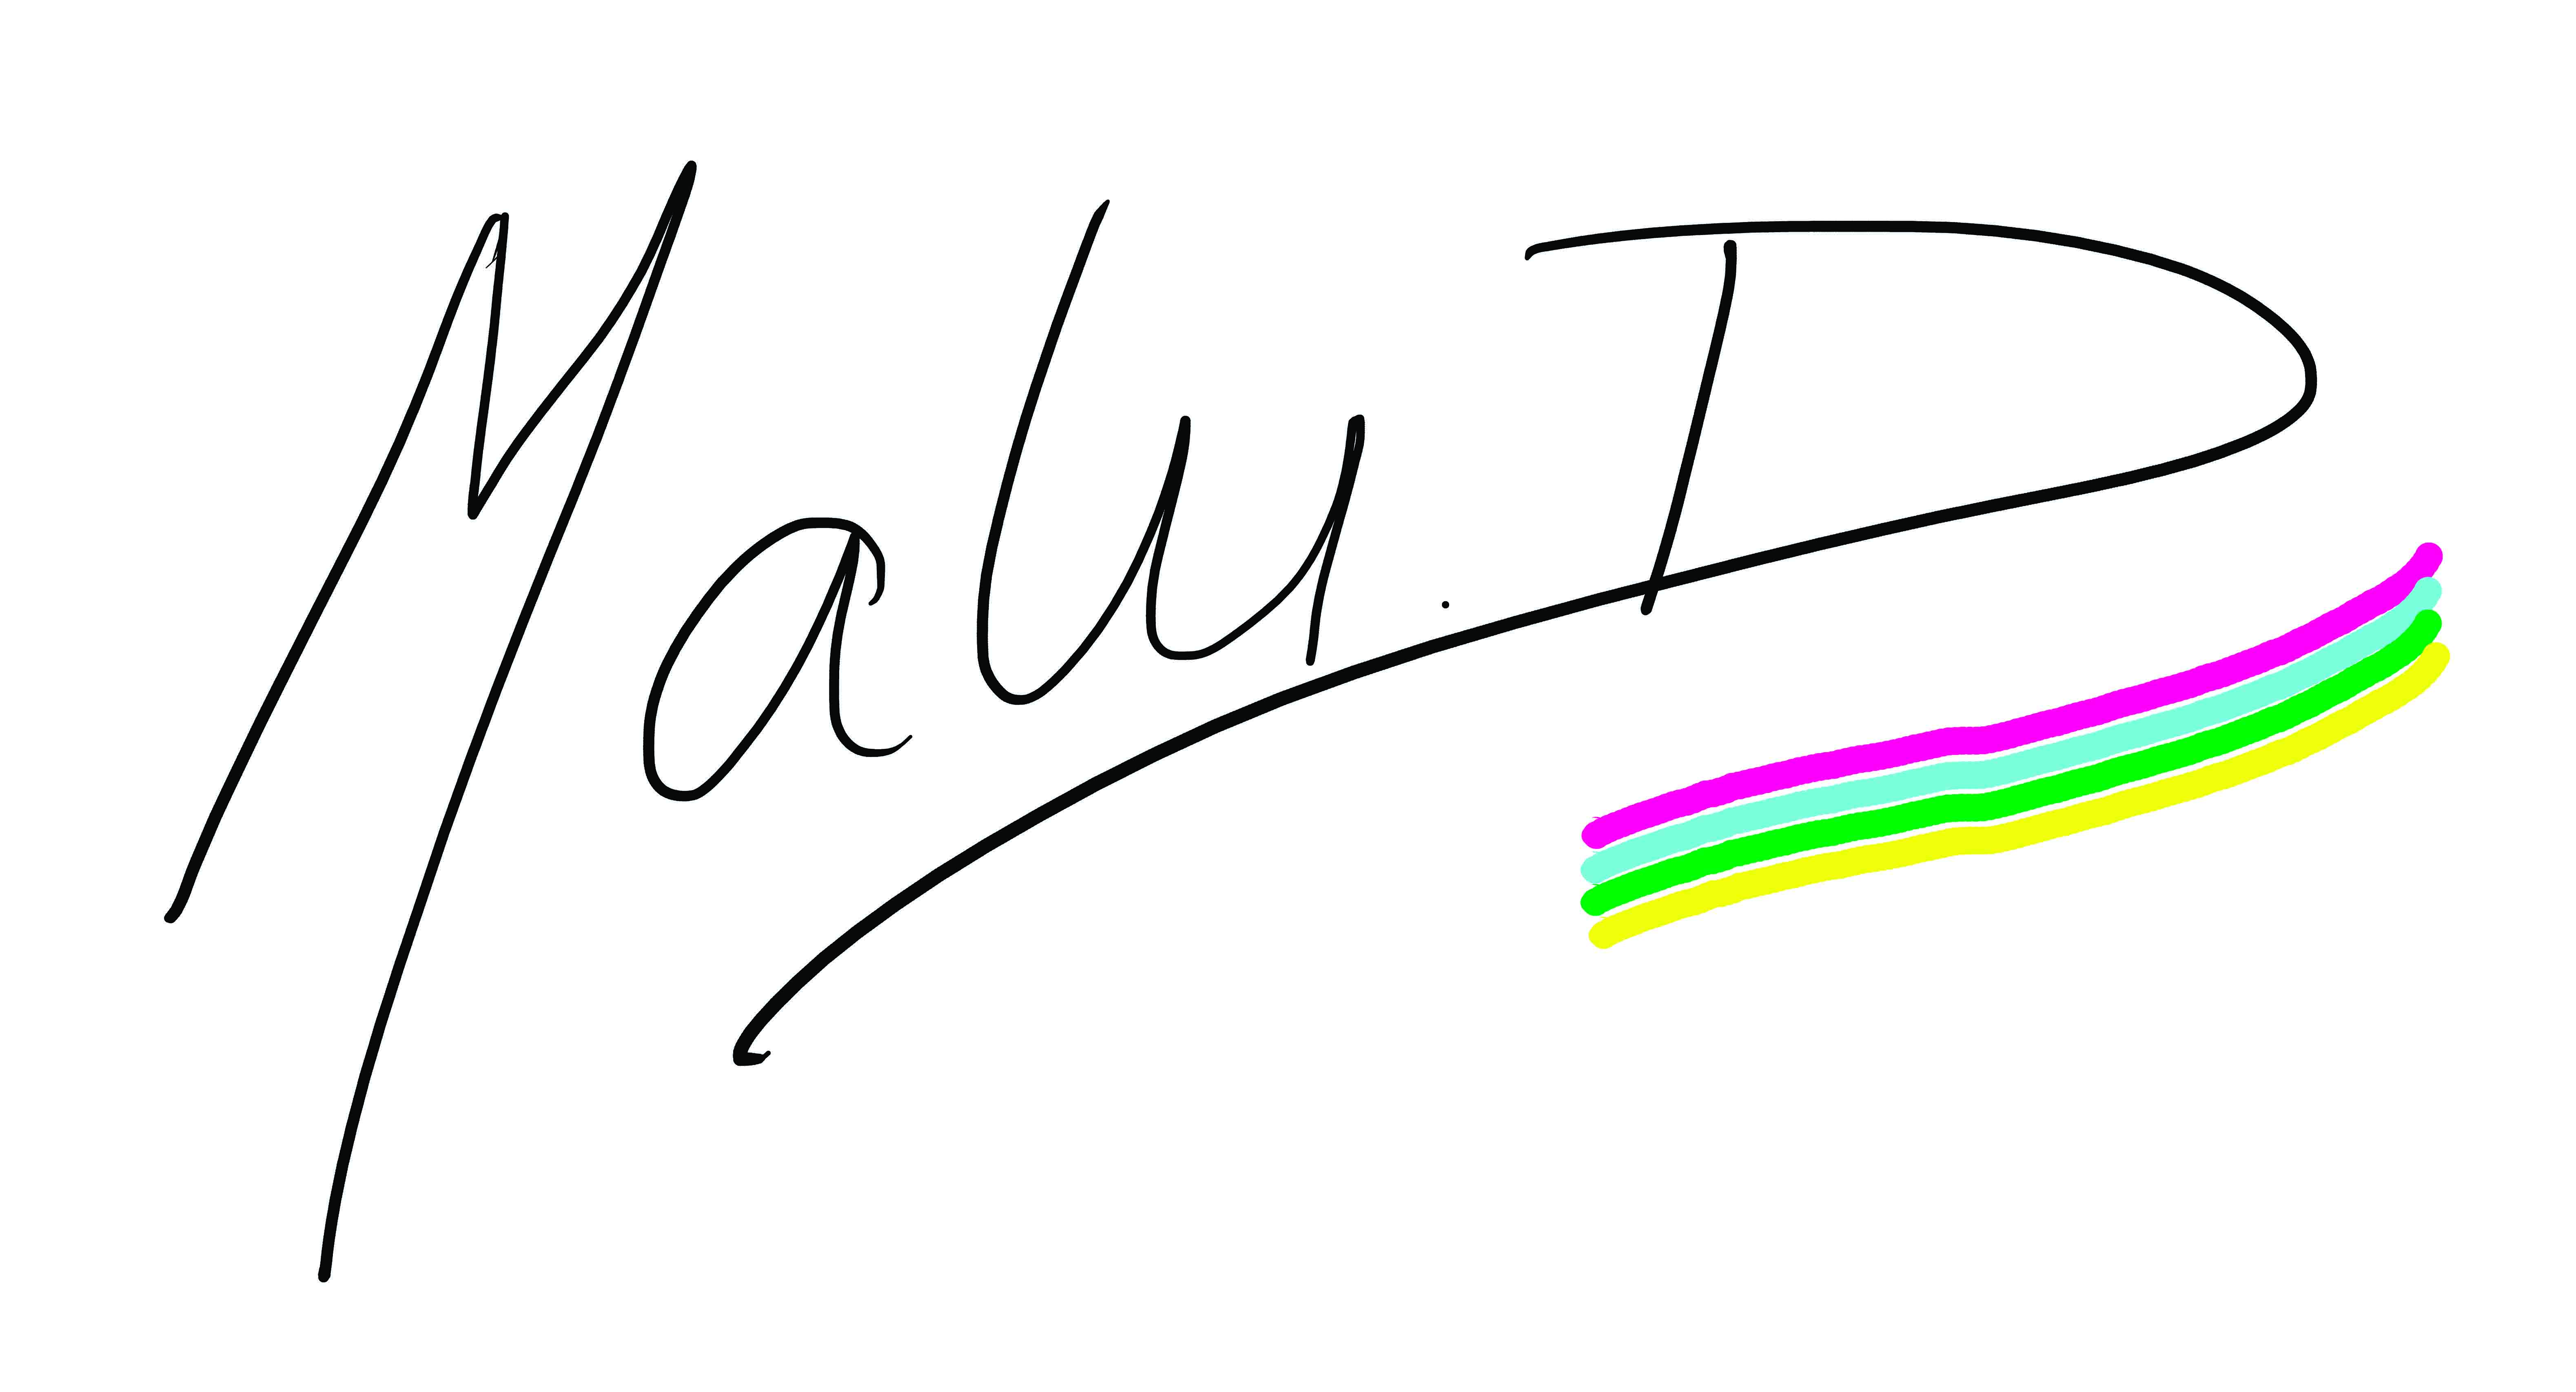 Maria Luisa Di Bella's Signature